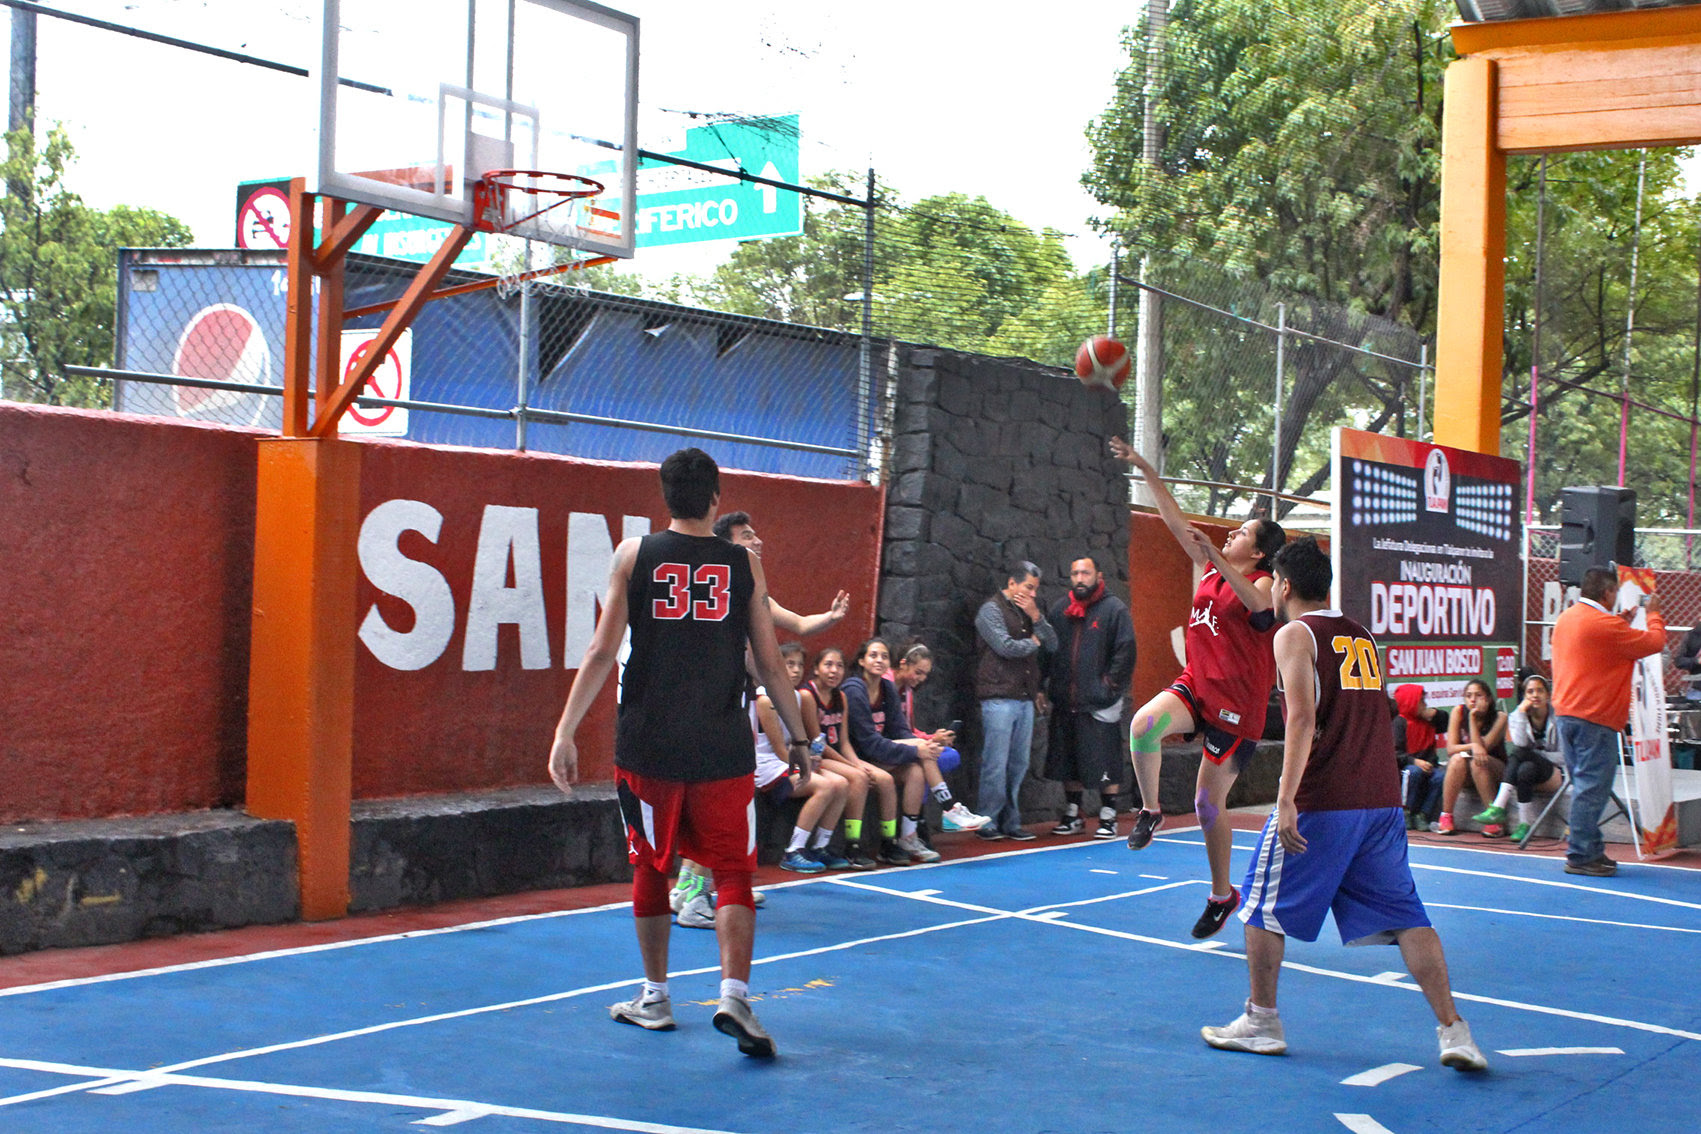 Inaugura Tlalpan deportivo para más de 3 mil jóvenes